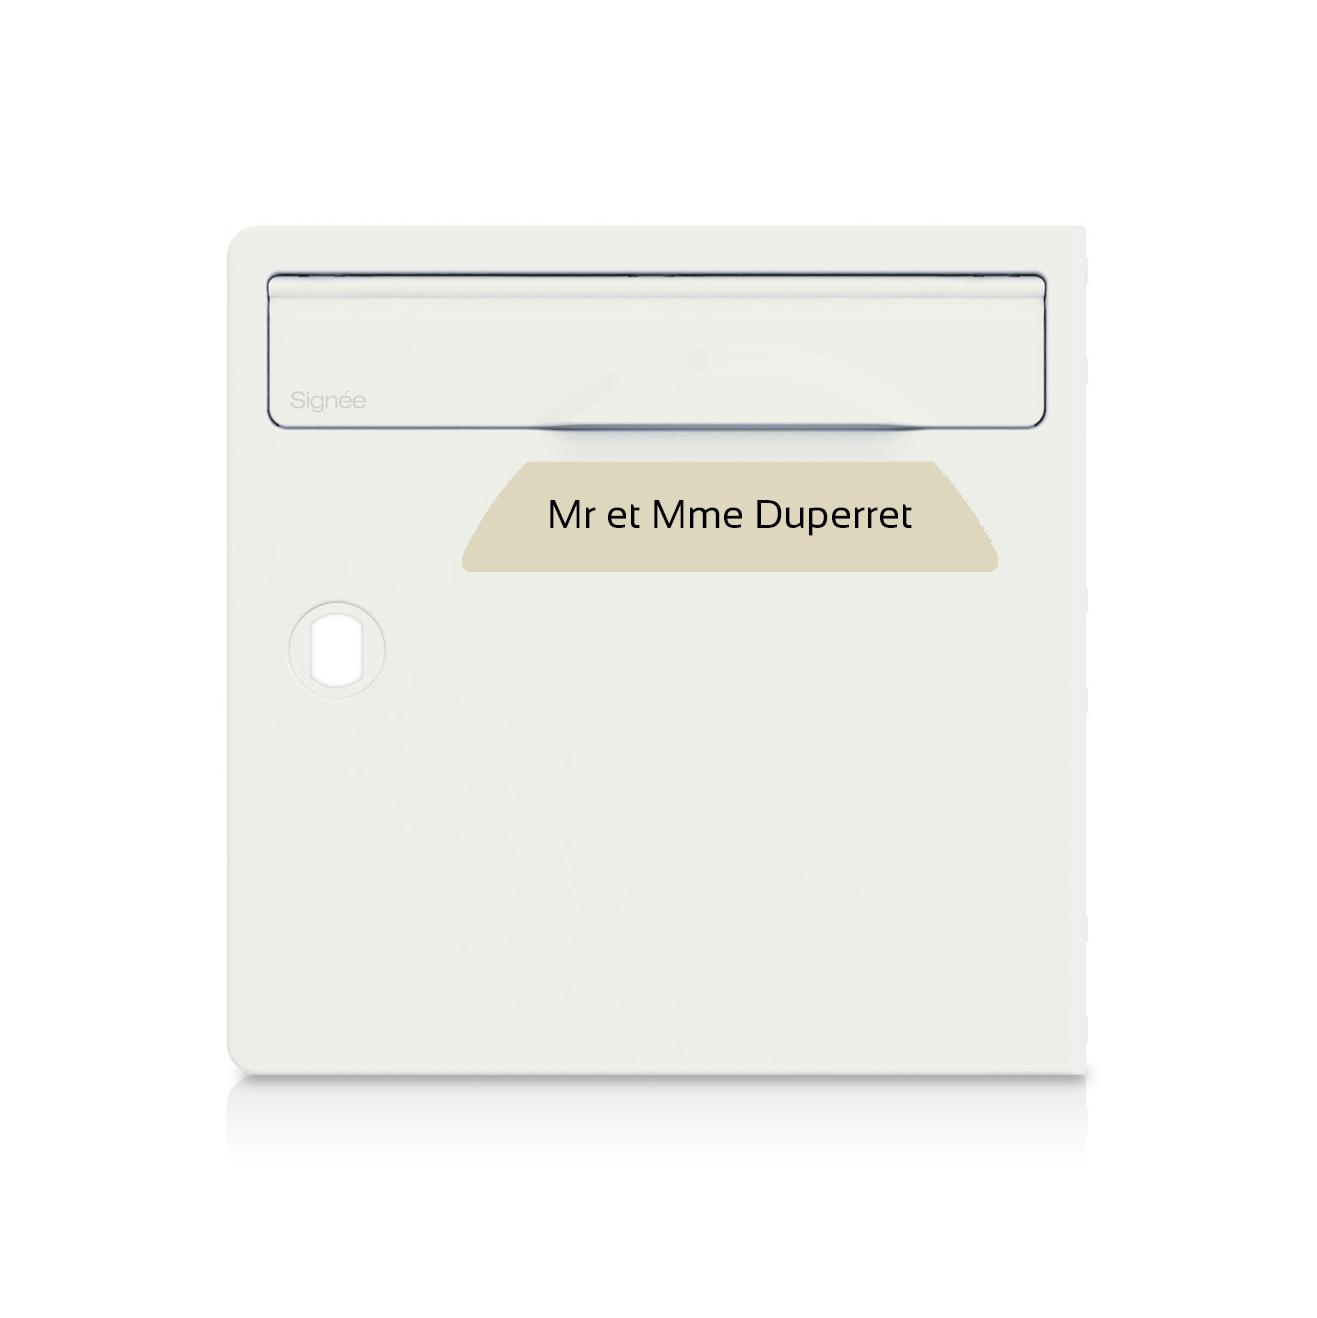 Plaque boite aux lettres Signée beige lettres noires - 1 ligne